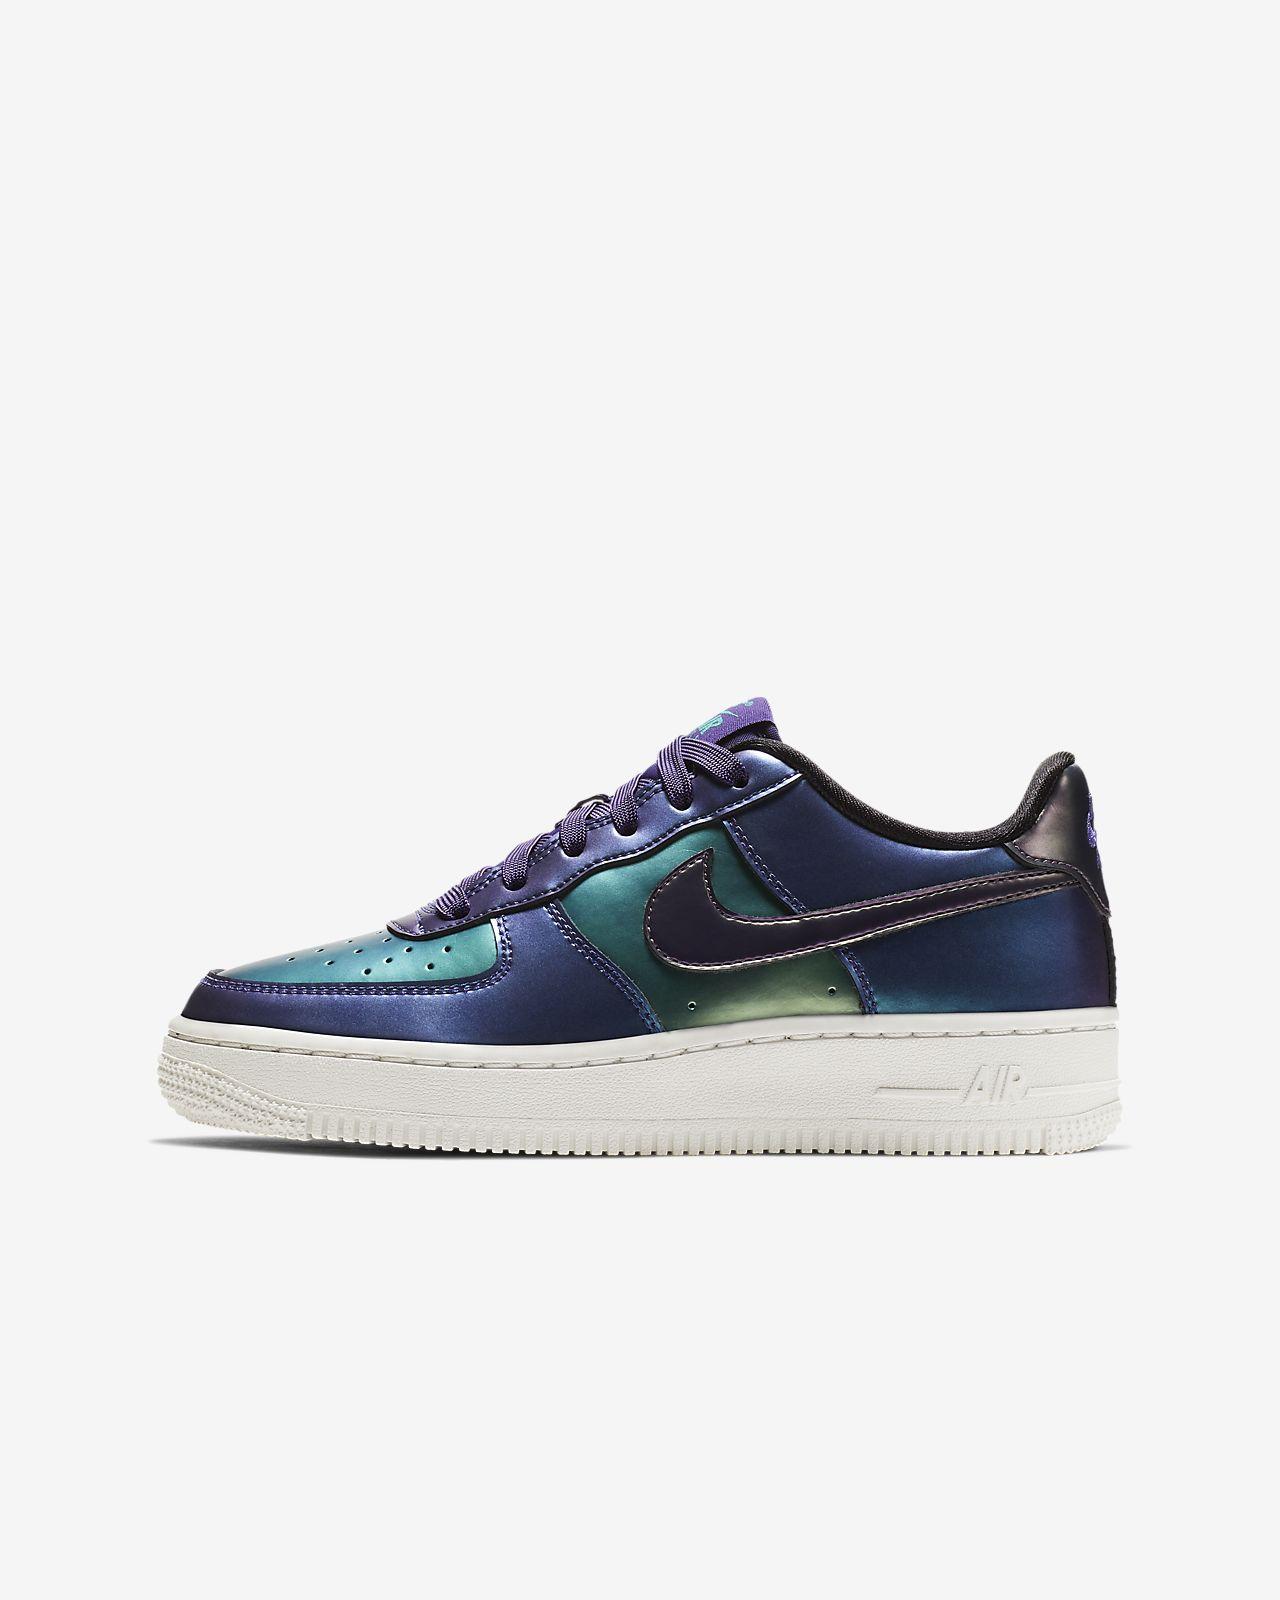 33d54d8d145d4c Older Kids  Shoe. Nike Air Force 1 LV8